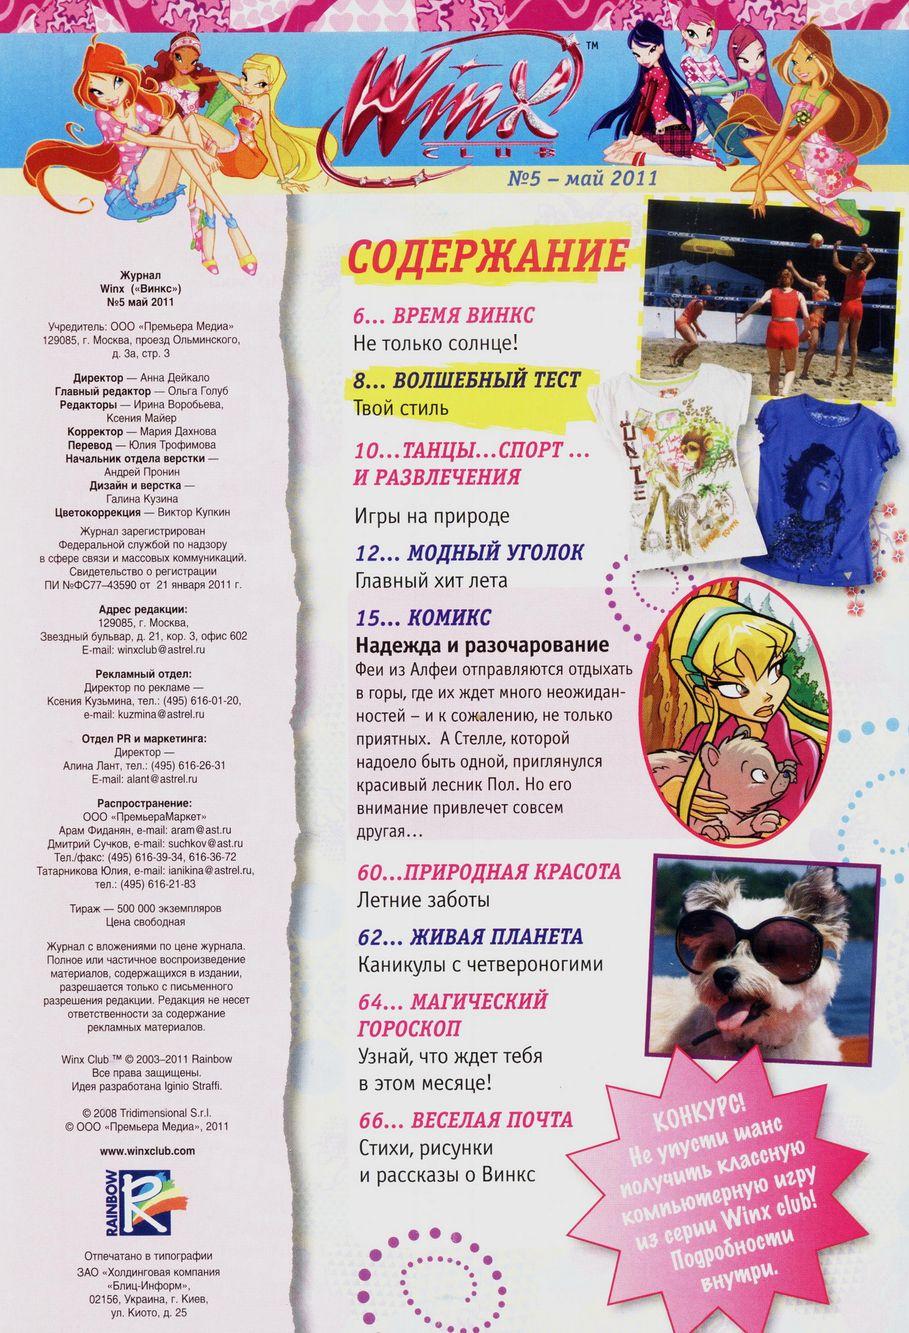 Комикс Винкс Winx - Надежда и разочарование (Журнал Винкс №5 2011) - стр. 4